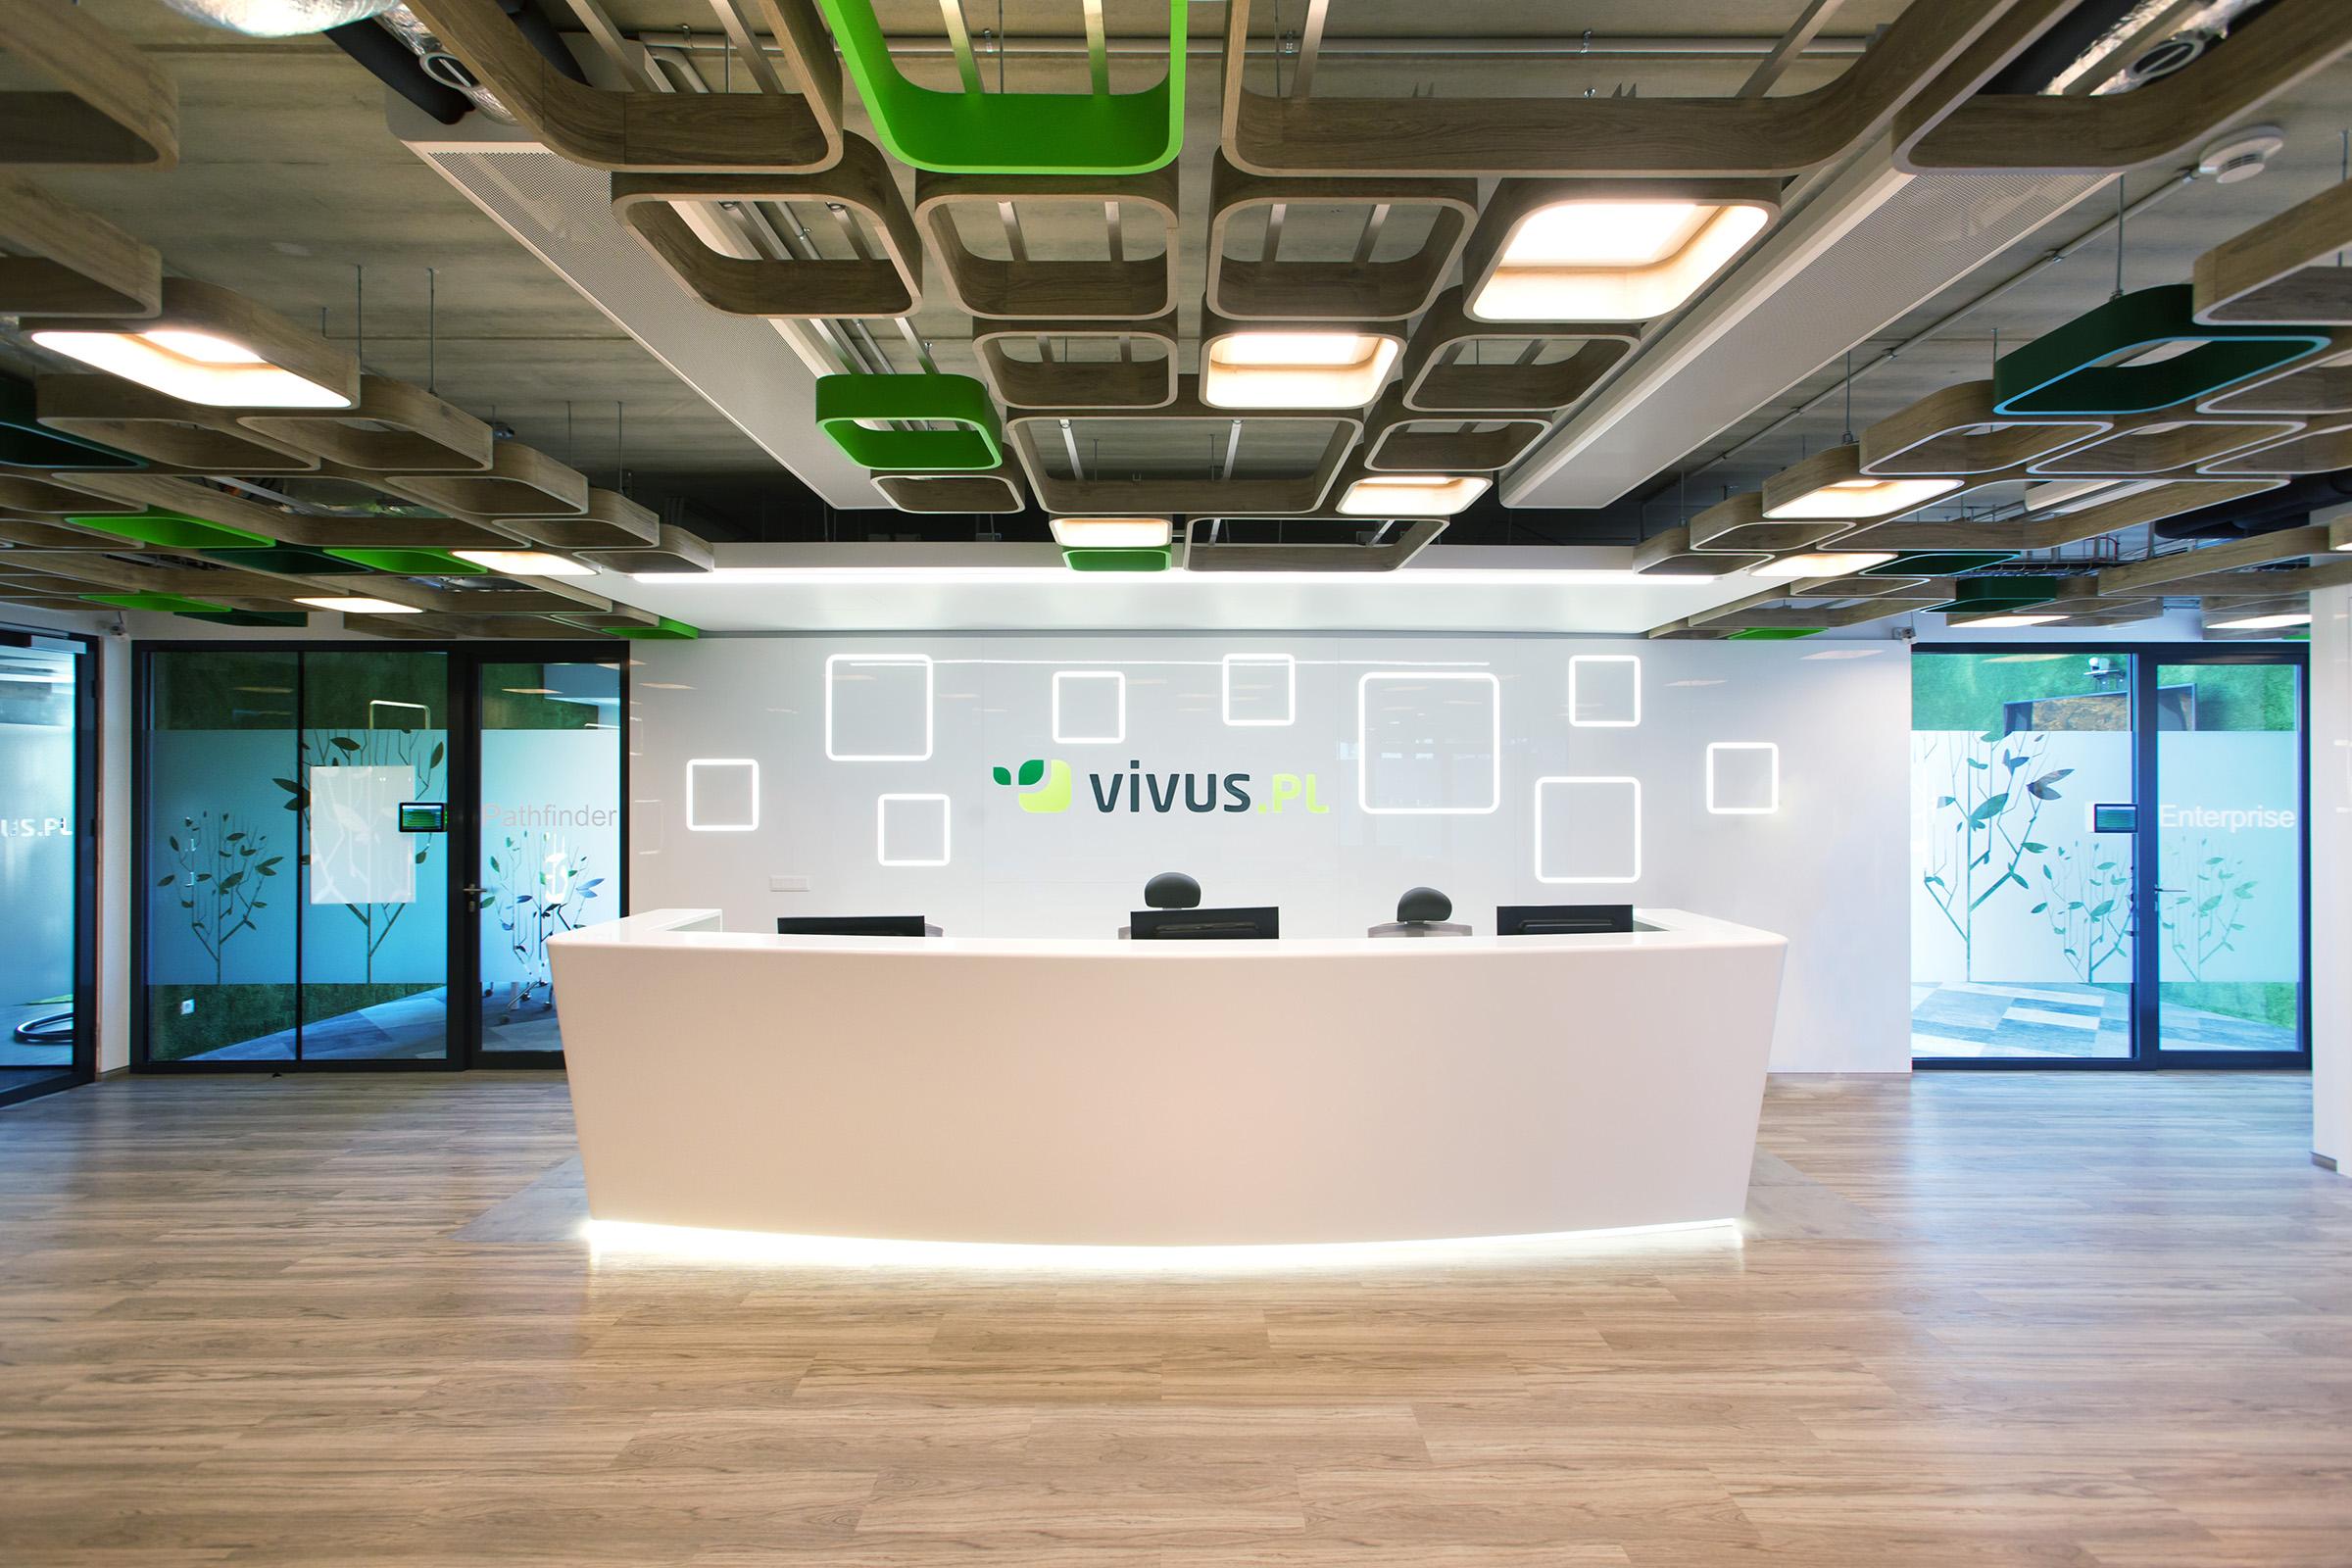 Vivus_02